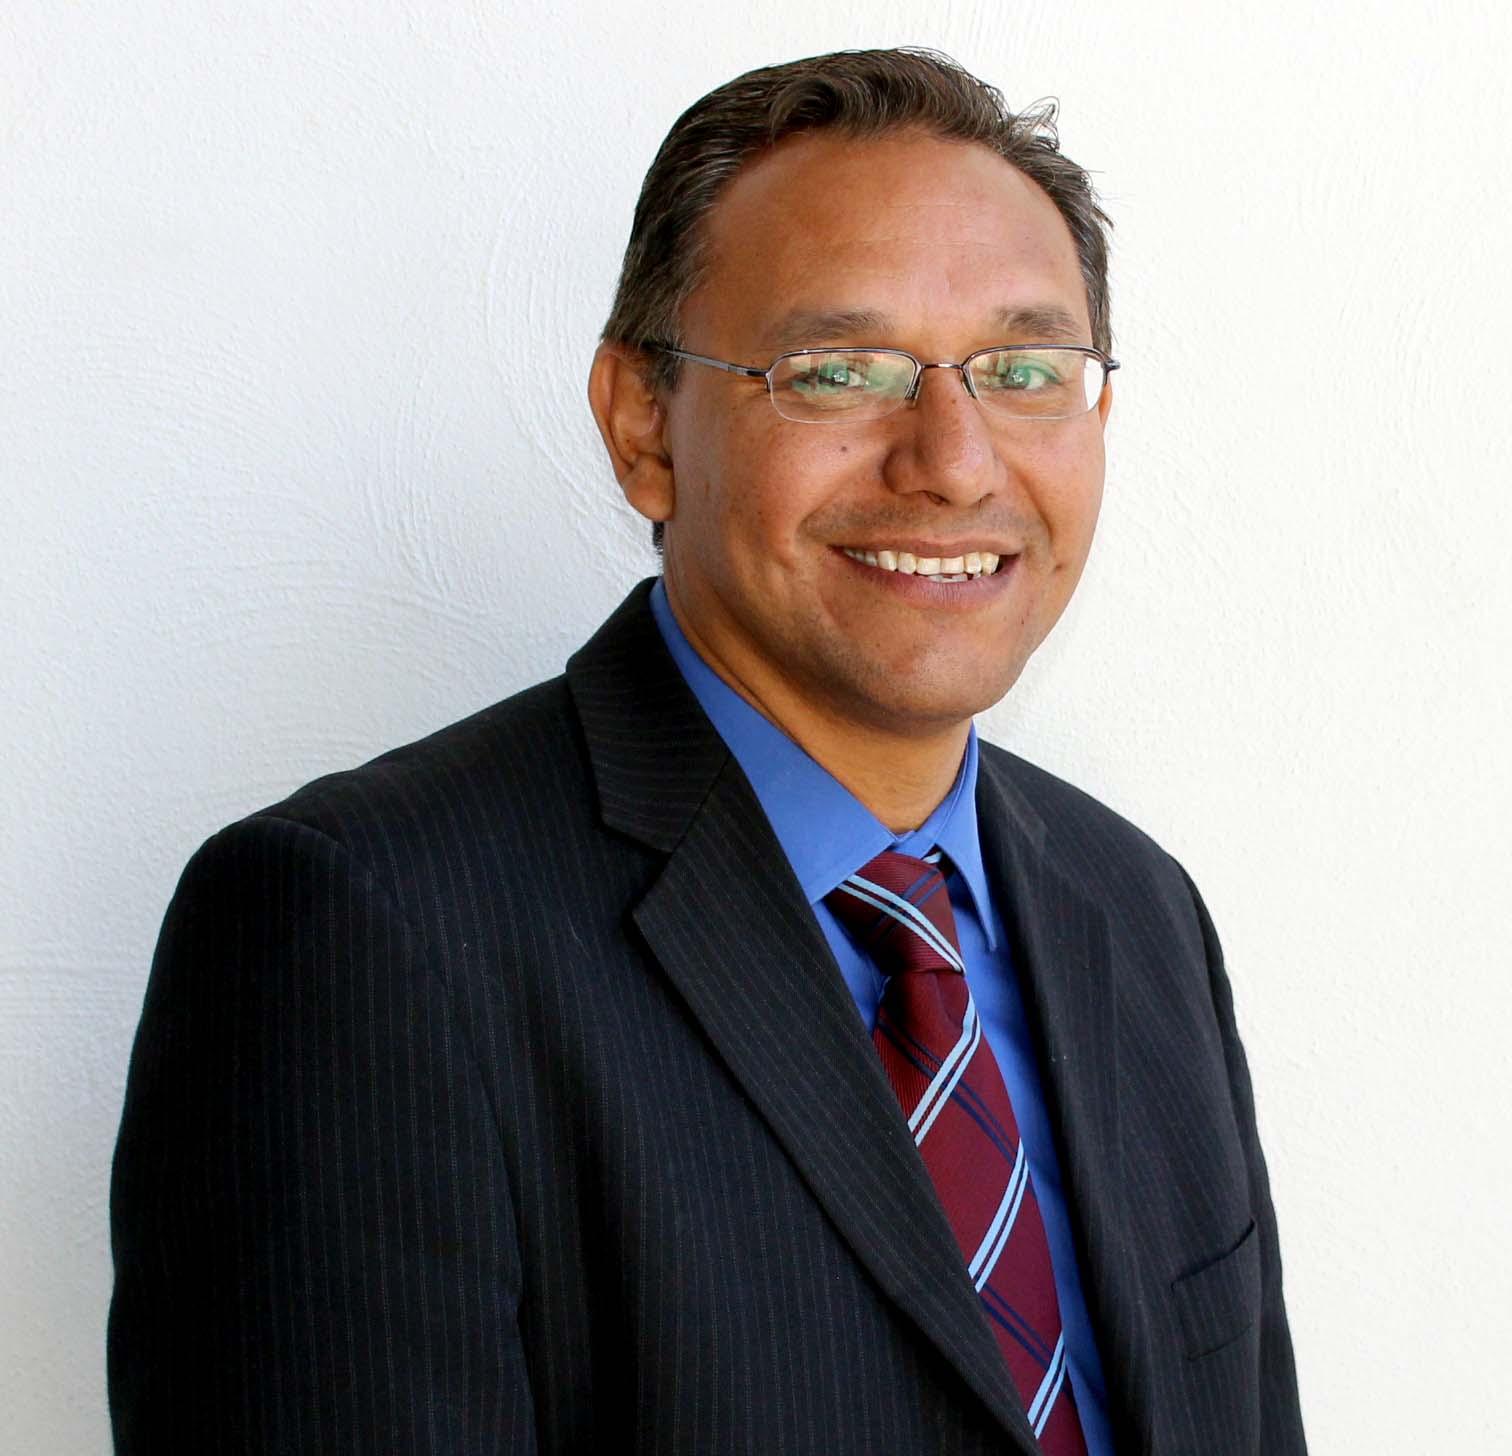 doctorado en Sistemas de Control de Robots y Visión Artificial, Marco Antonio Pérez Cisneros, candidato a la Rectoría de CuTonalá